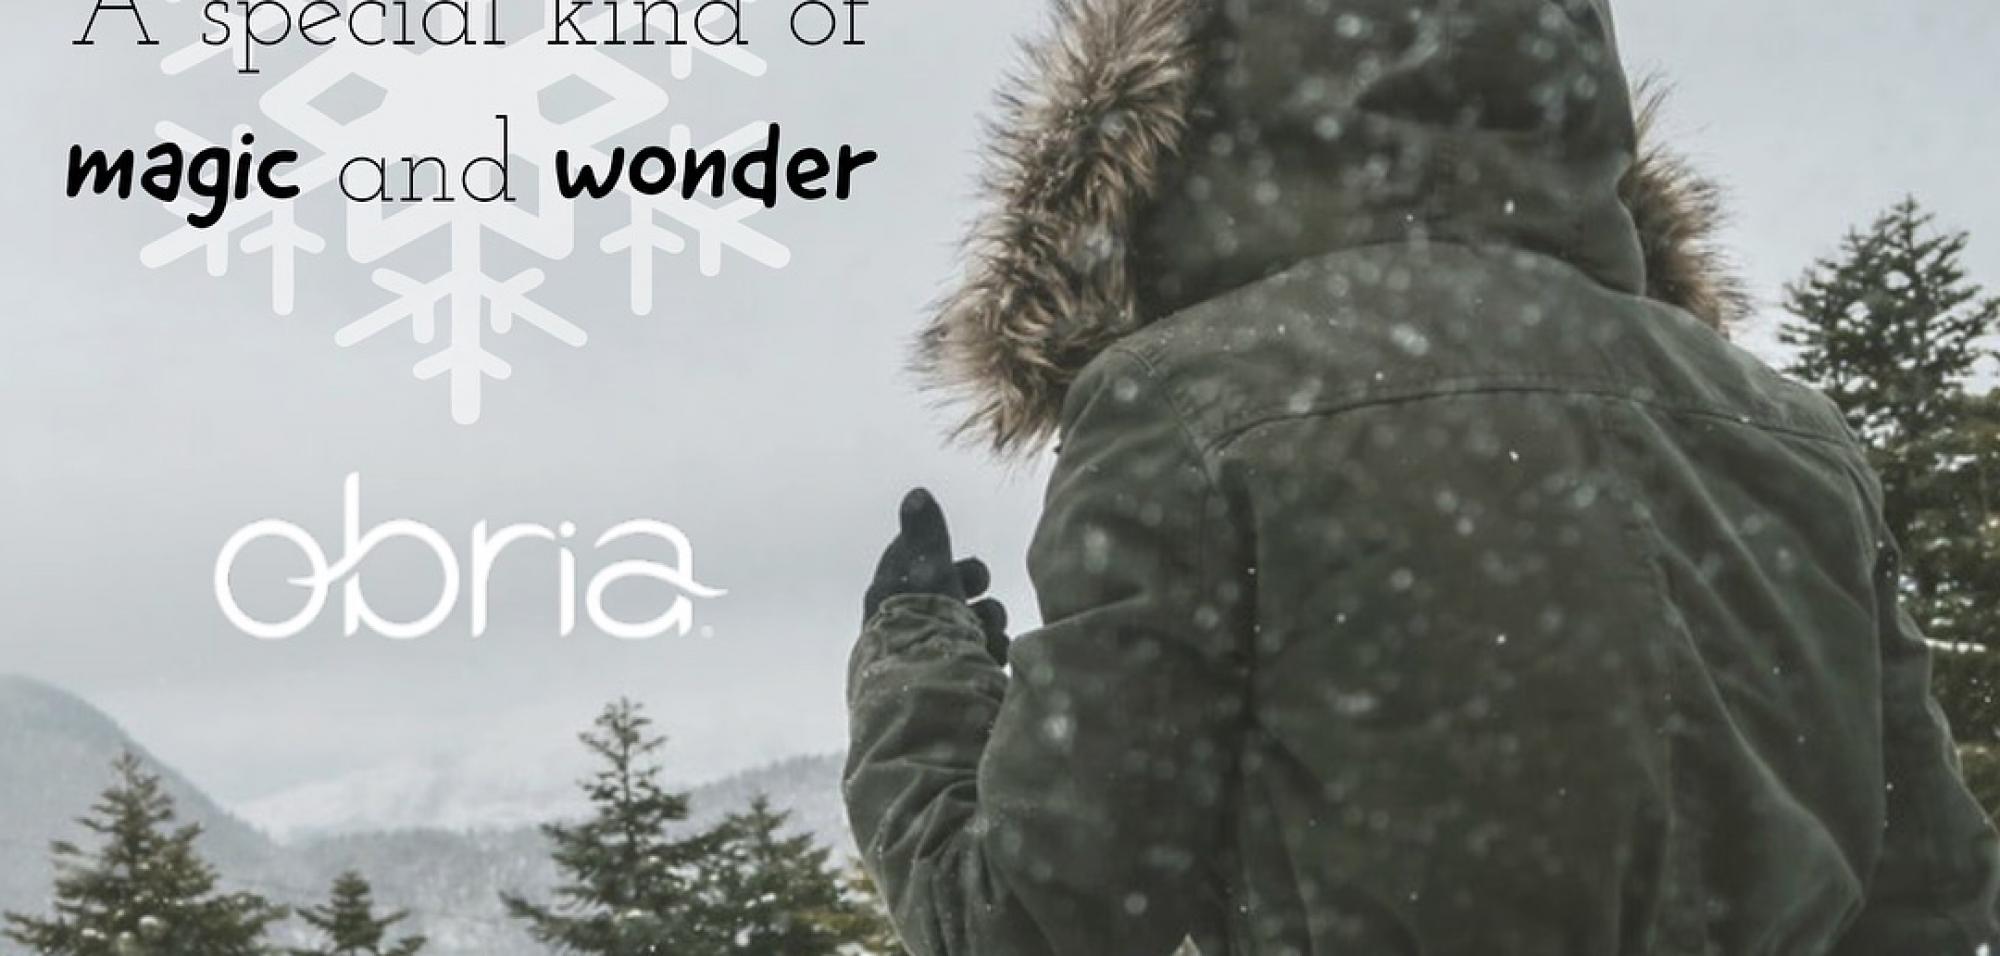 Obria winter